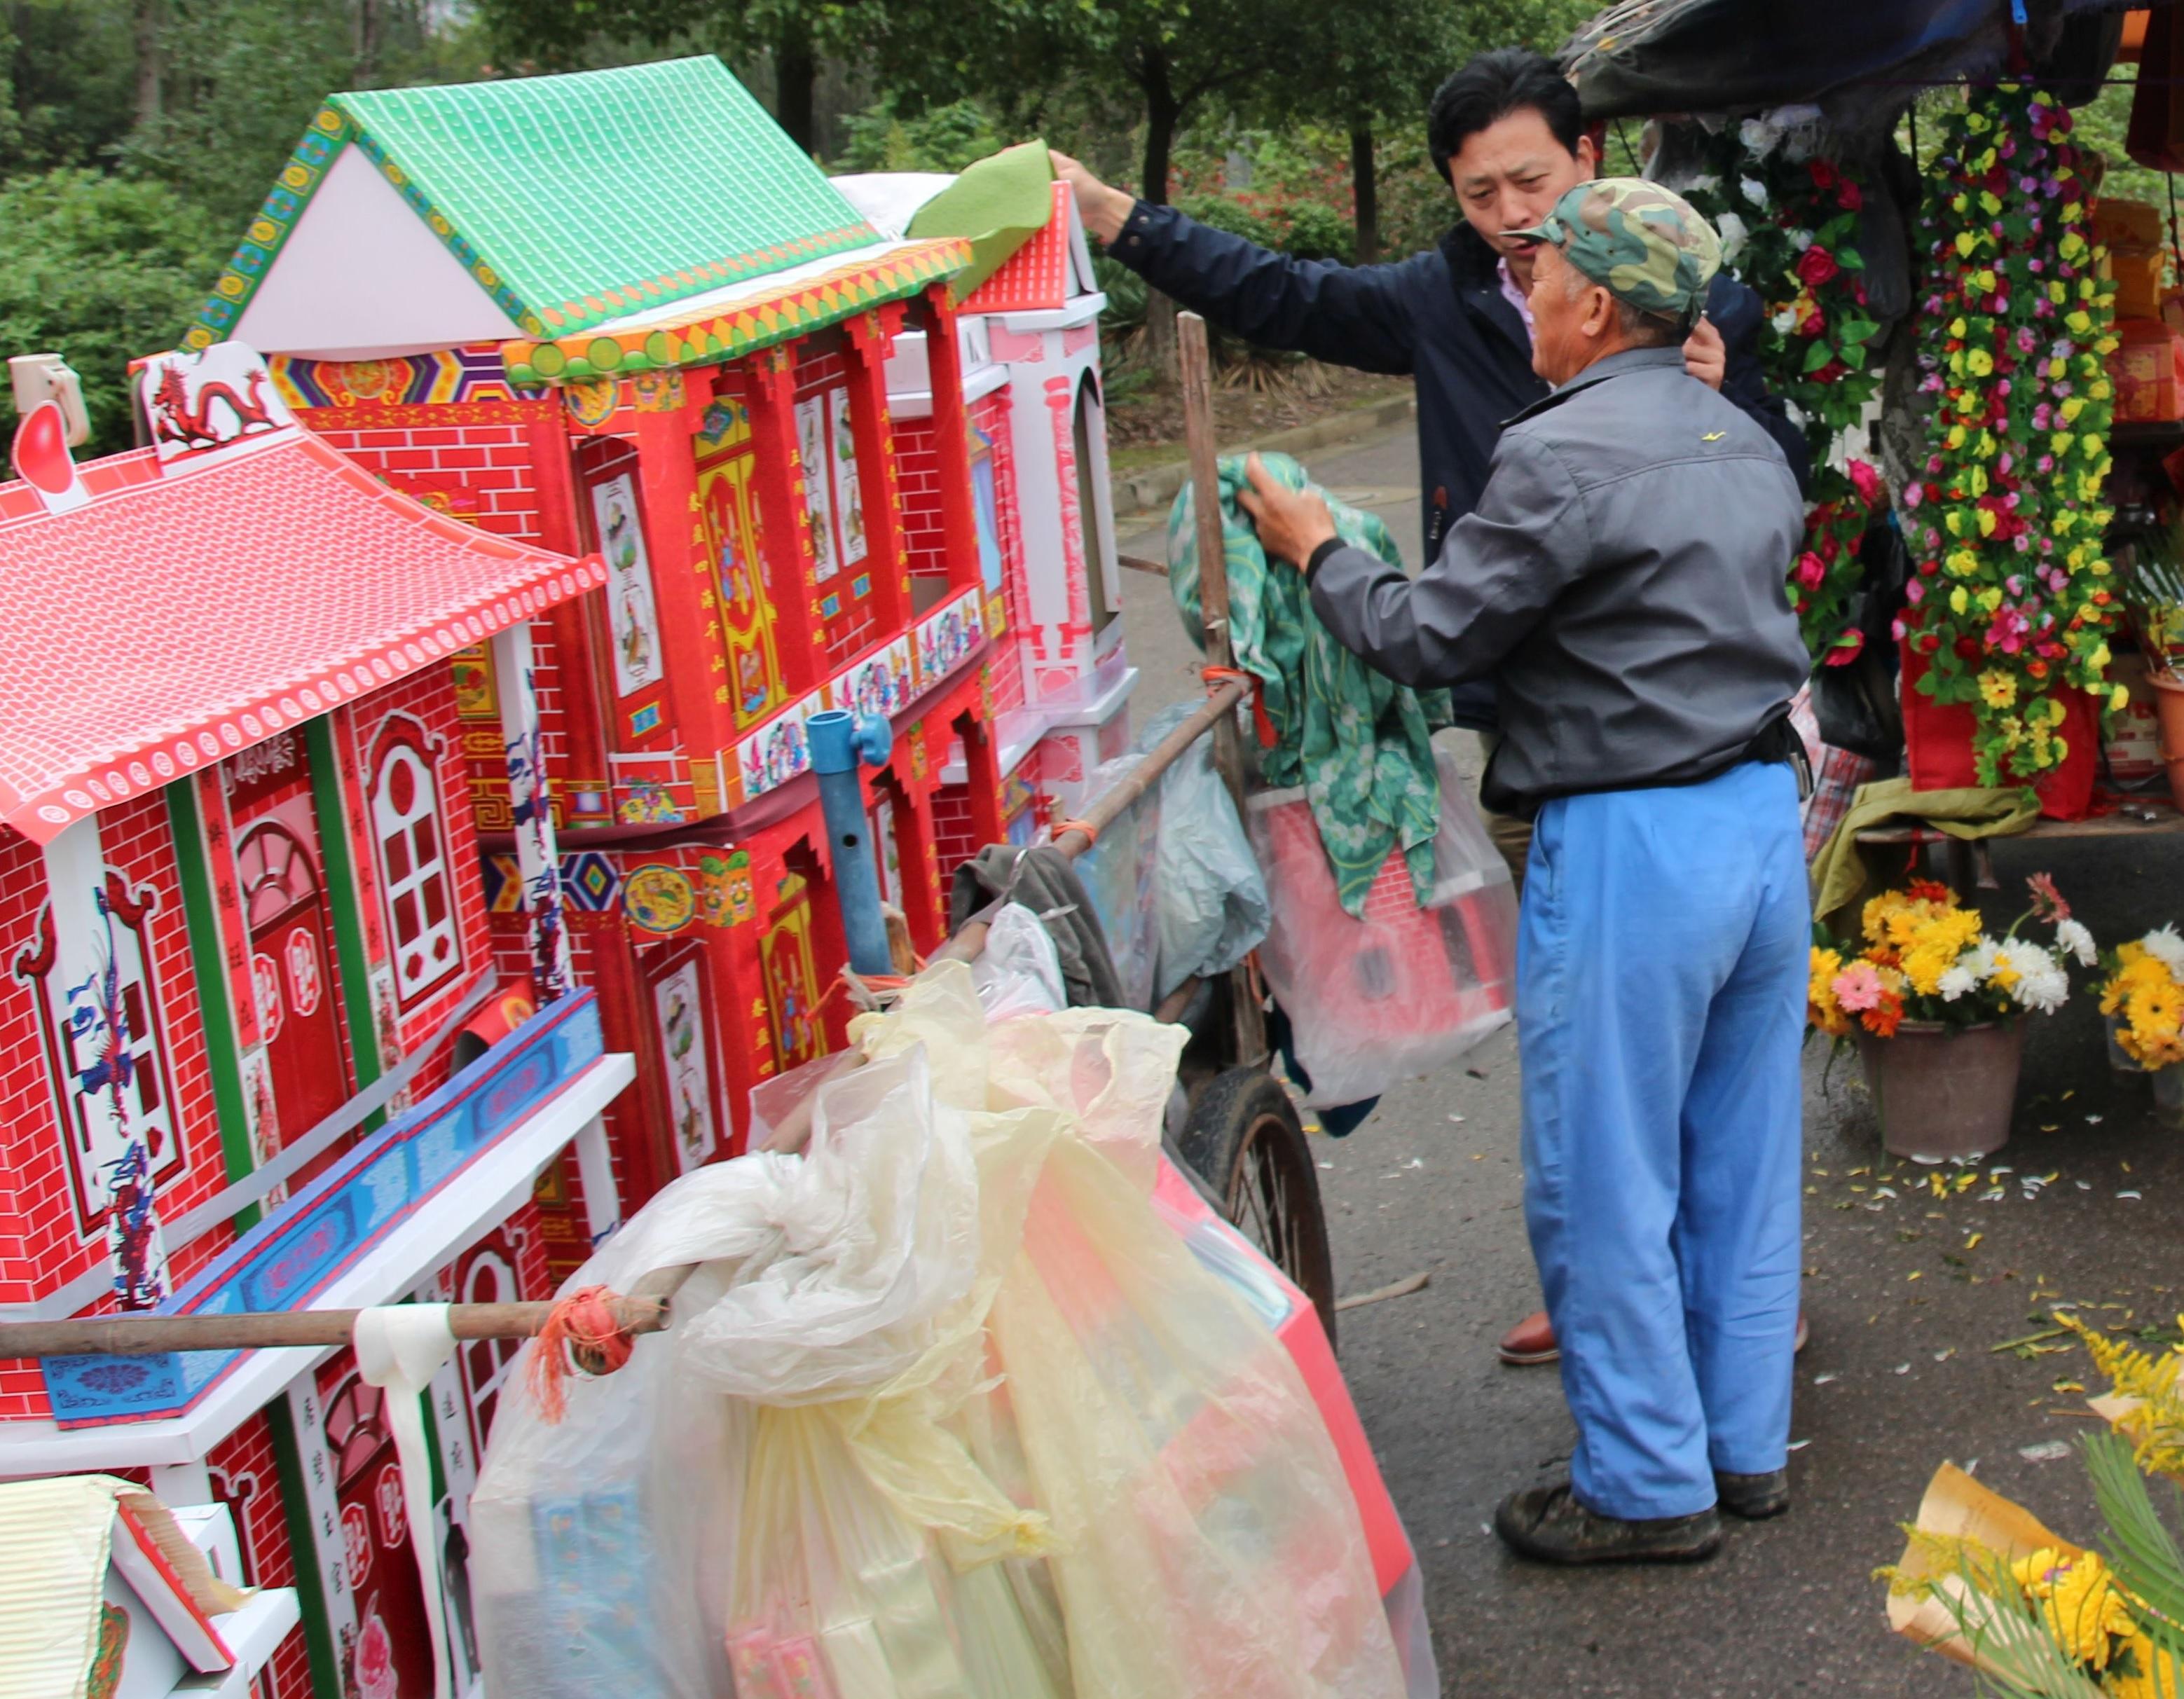 Häuser fürs Jenseits - Papieropfergaben am Friedhof von Nanking